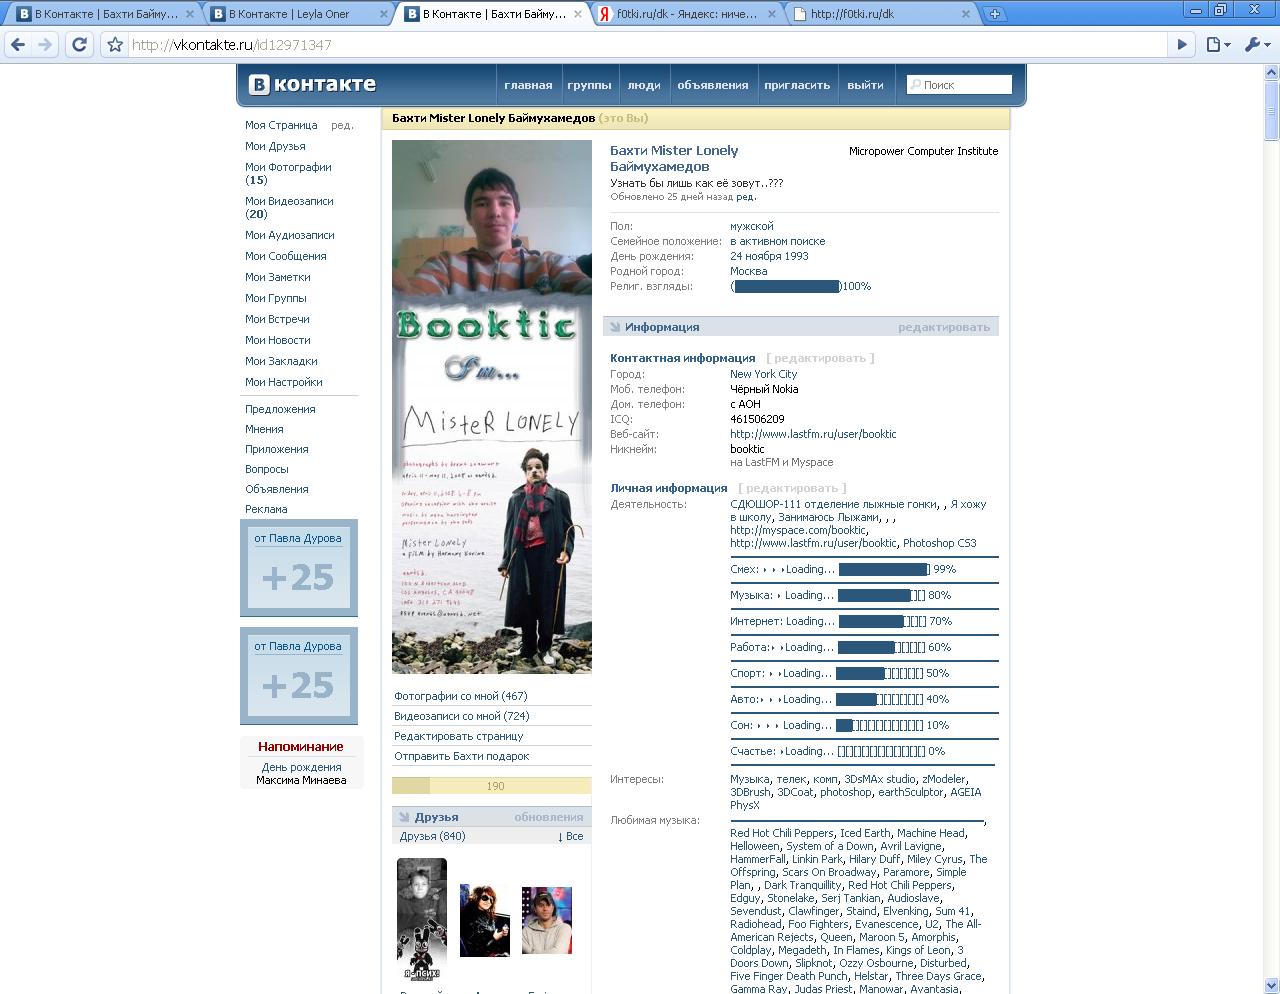 ВКонтакте - голоса от Павла Дурова - 1 Июня 2009 - Персональный сайт